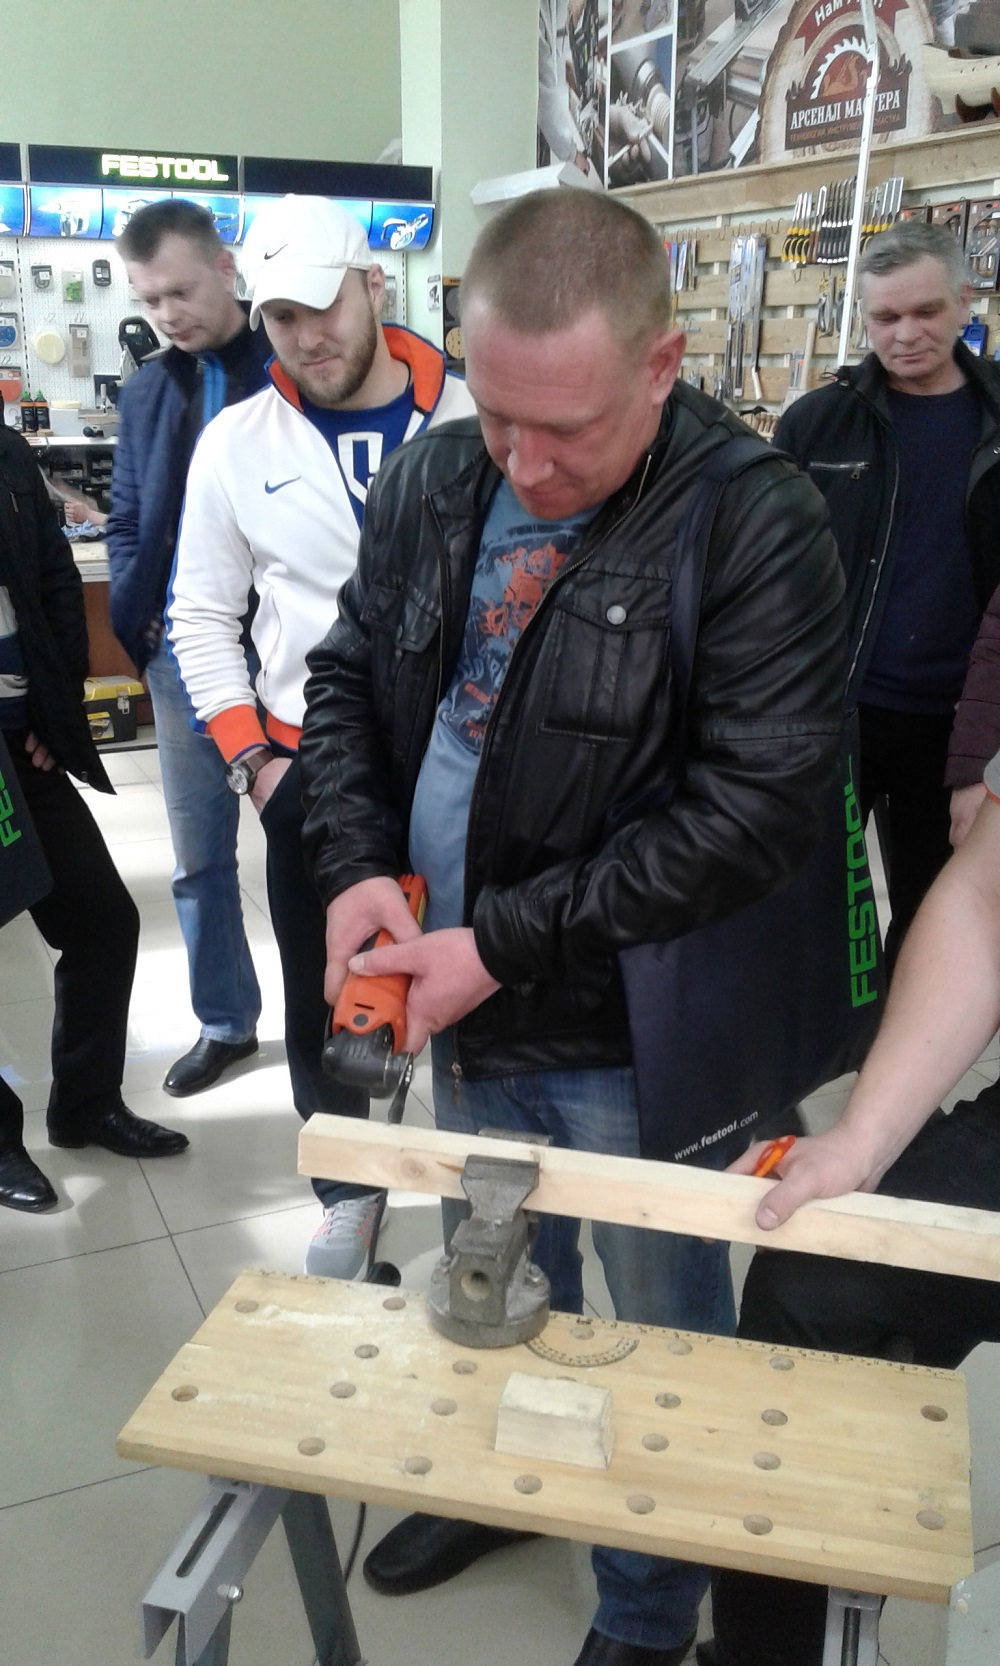 Российское представительство FEIN организовало конкурс для всех посетителей с супер-призом мультимастером FEIN SuperCut FSC